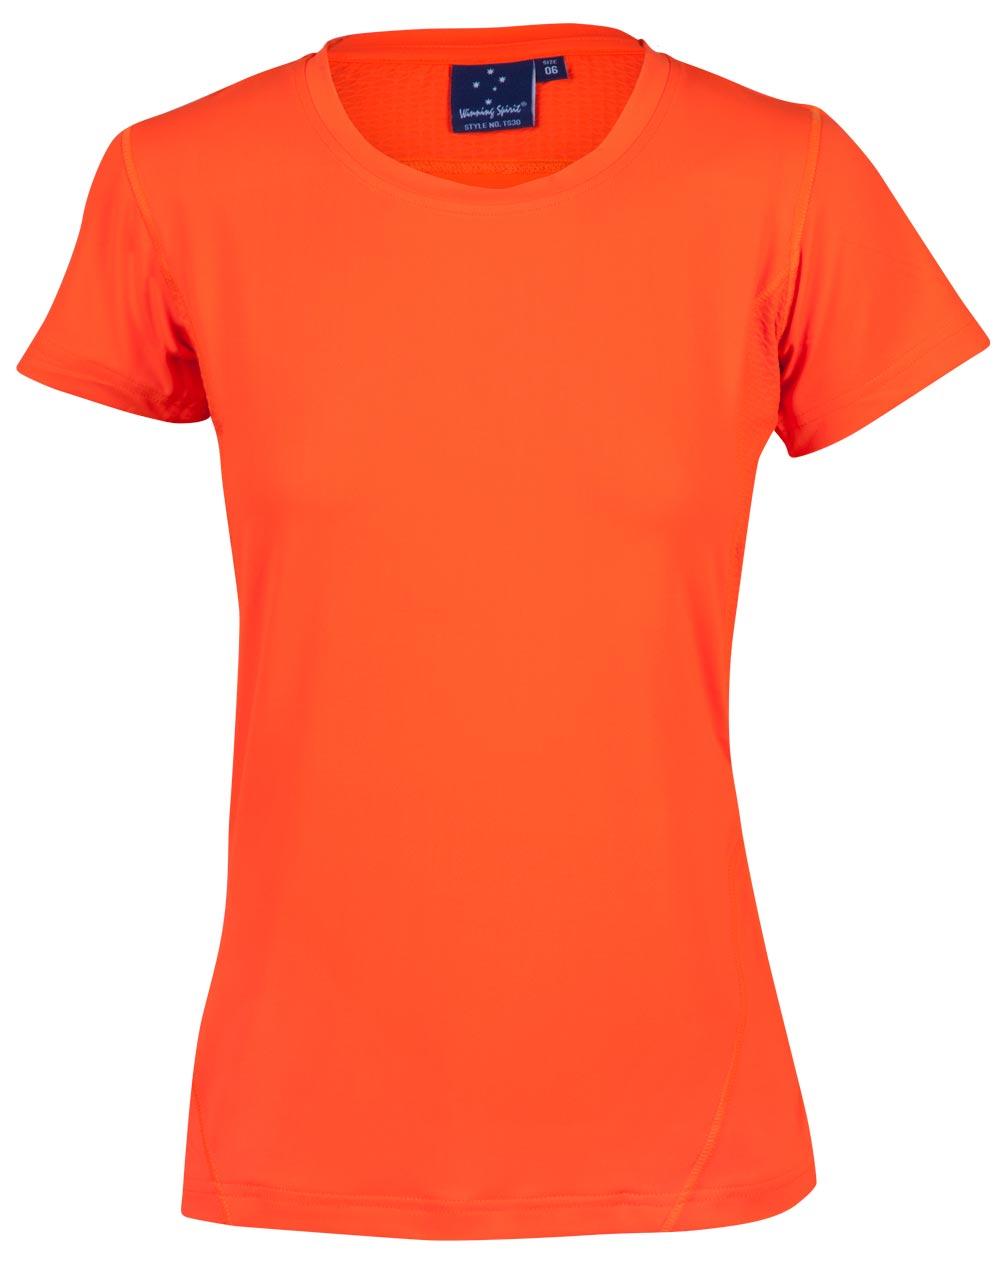 Fluoro Orange